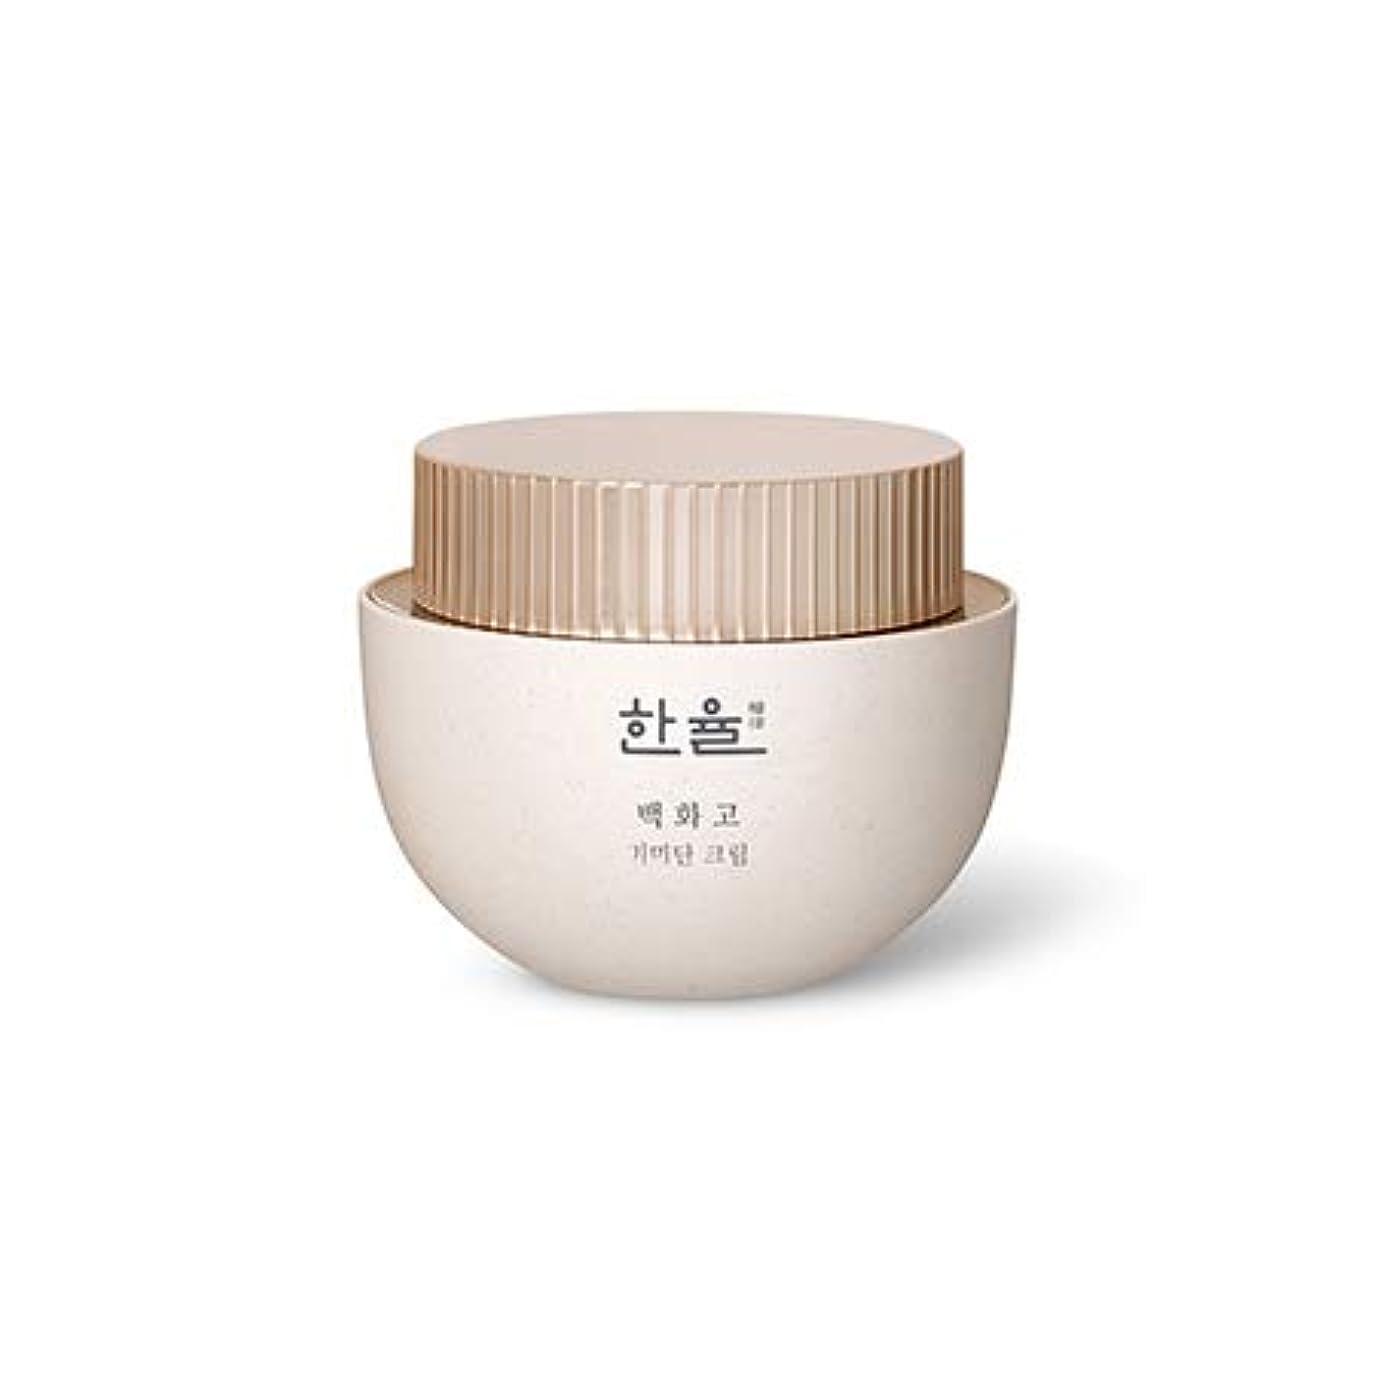 もう一度ガス上昇[ハンユル.HANYUL]ベクファゴシミ段クリームHanyul Baek Hwa Goh Anti-Aging Cream(シミ、くすみなどの老化の兆候をケア)